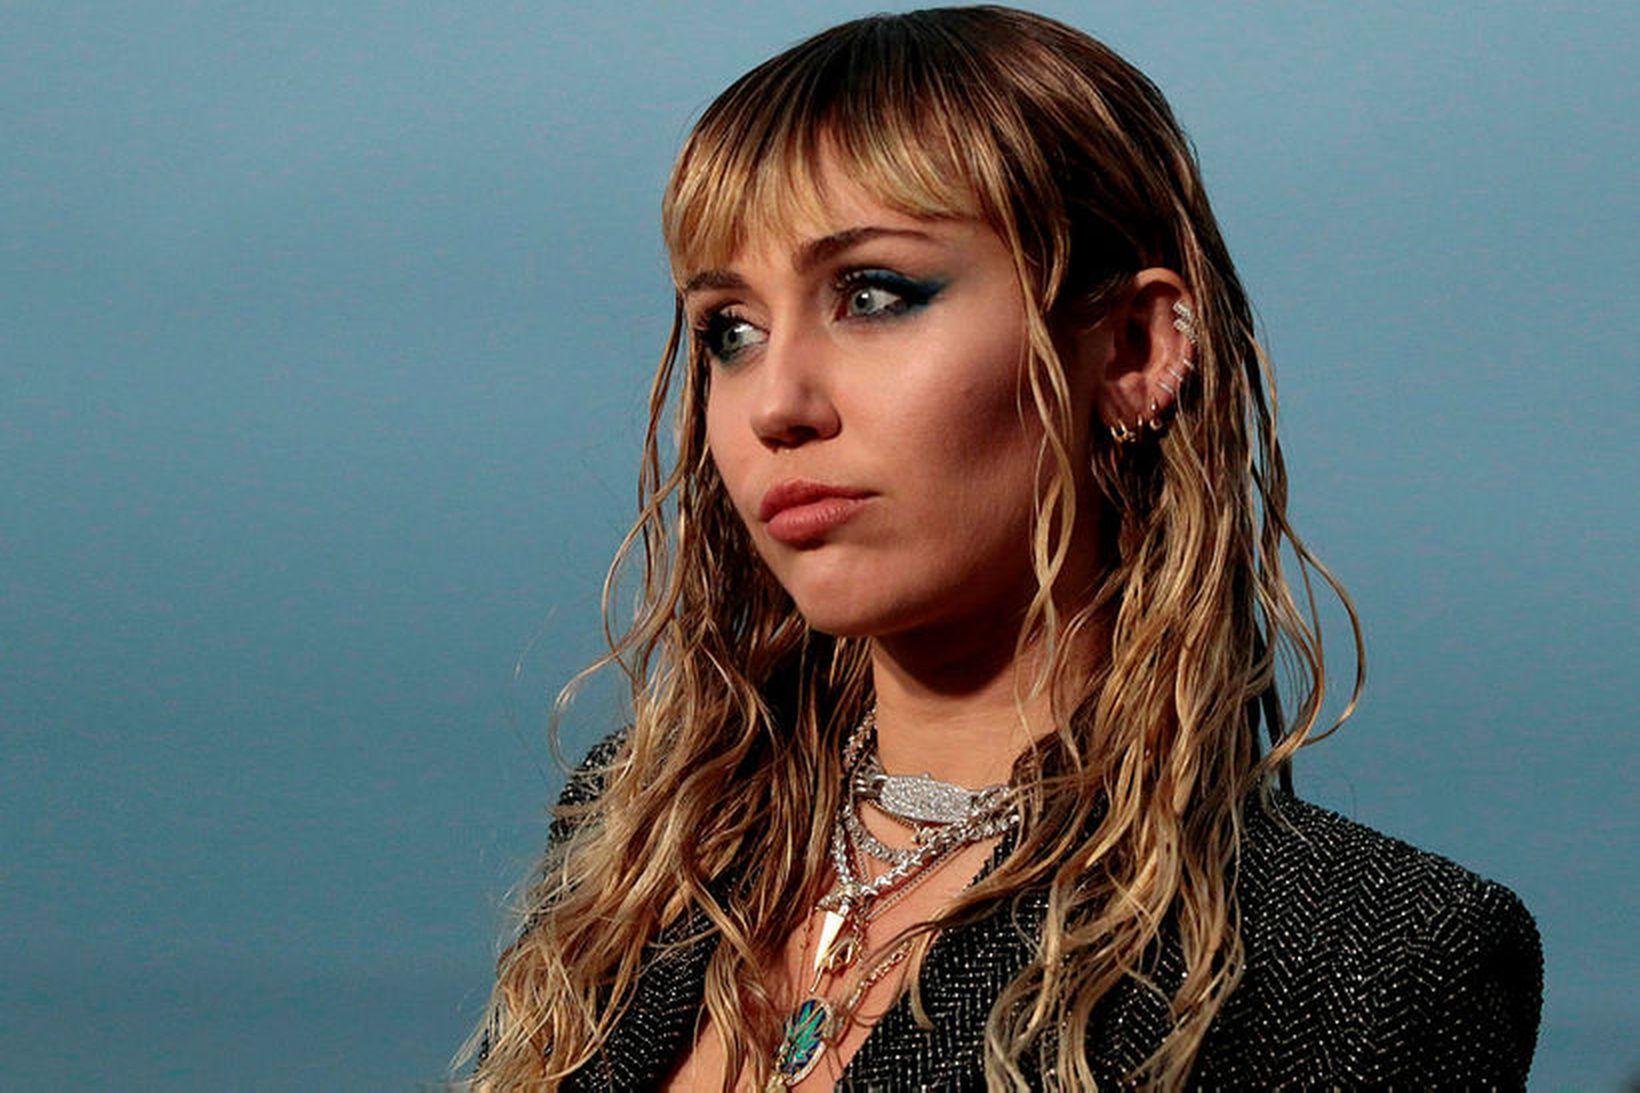 Miley Cyrus hefur áhyggjur af hlýnun jarðar og hefur ekki …